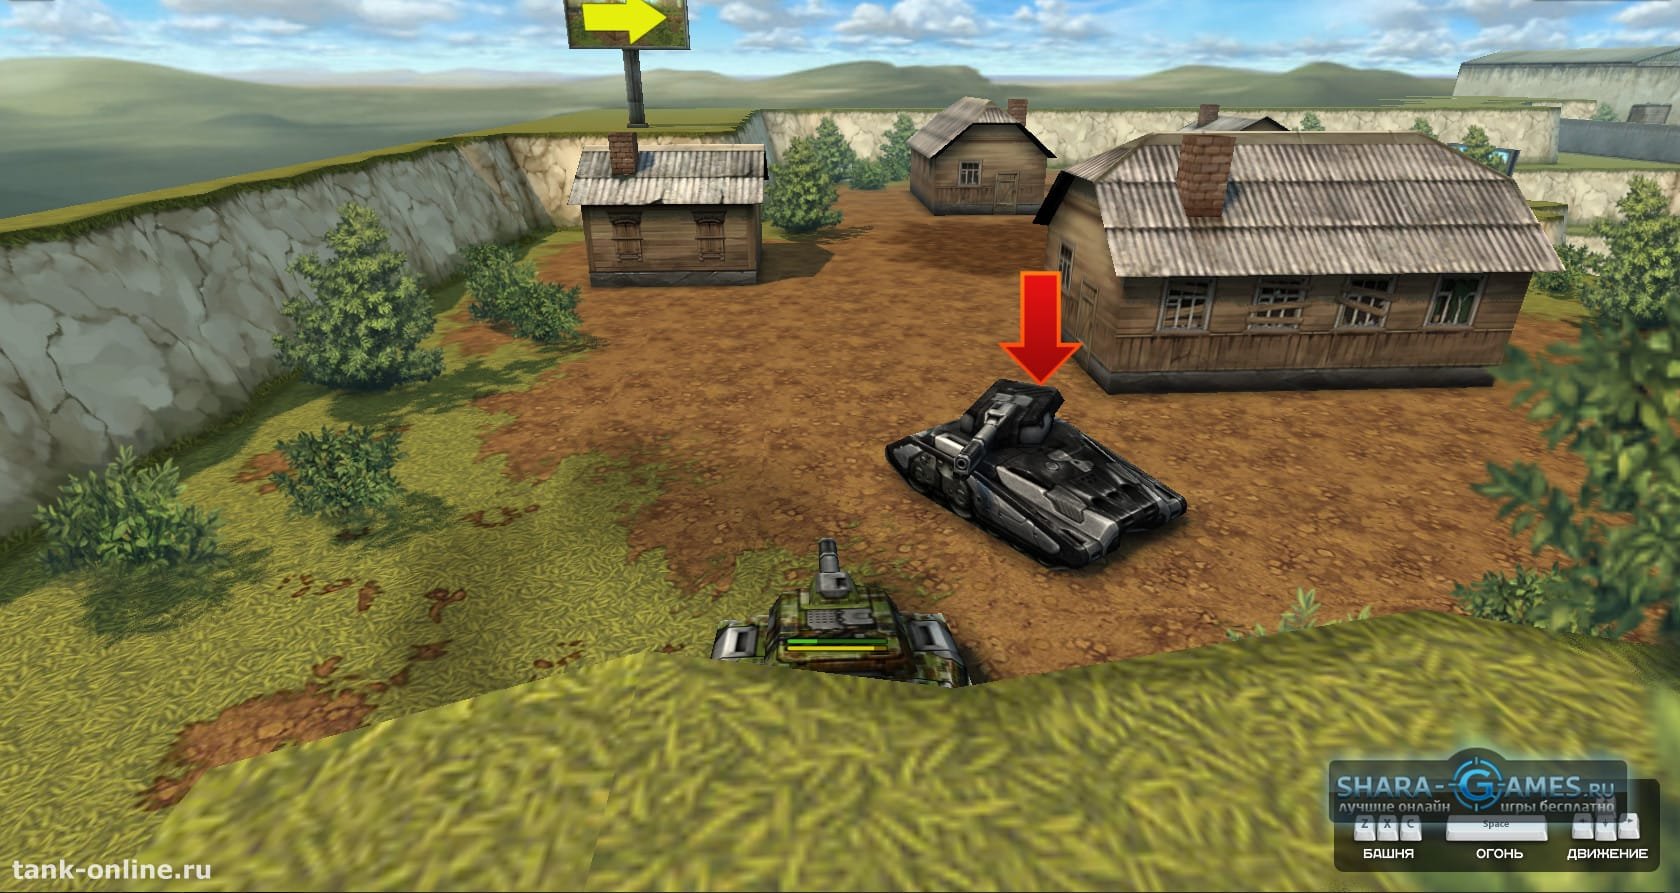 Игры для мальчиков онлайн бесплатно танки